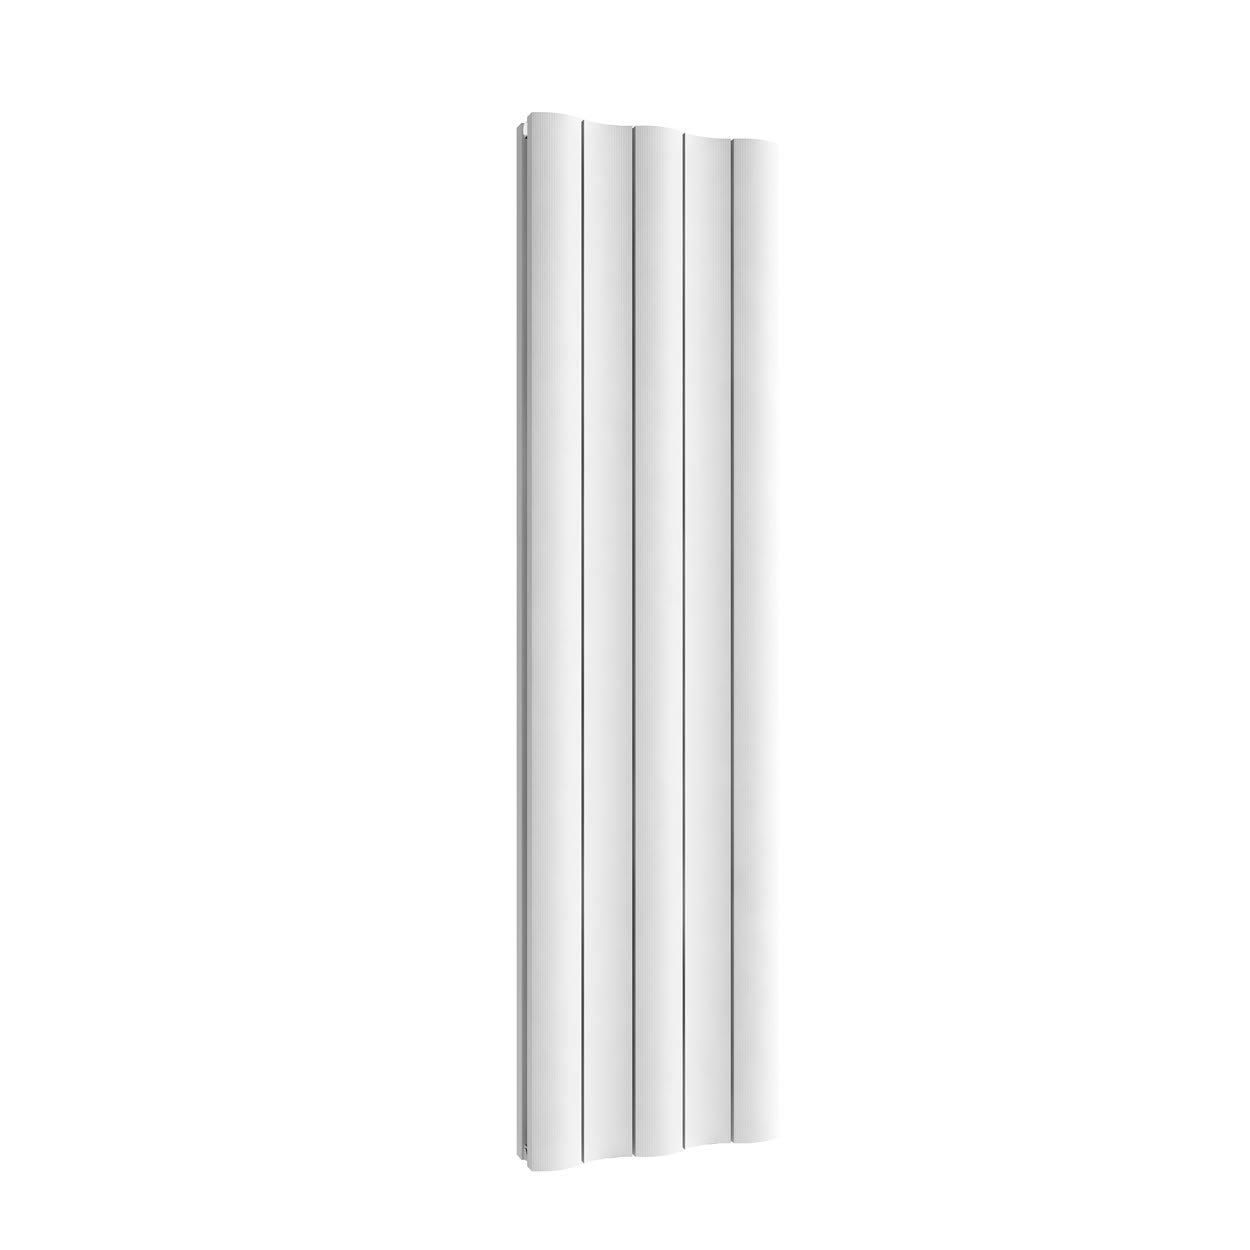 Reina A-GI518WD Gio Doppelheizkörper vertikal, 30 kg, Weiß